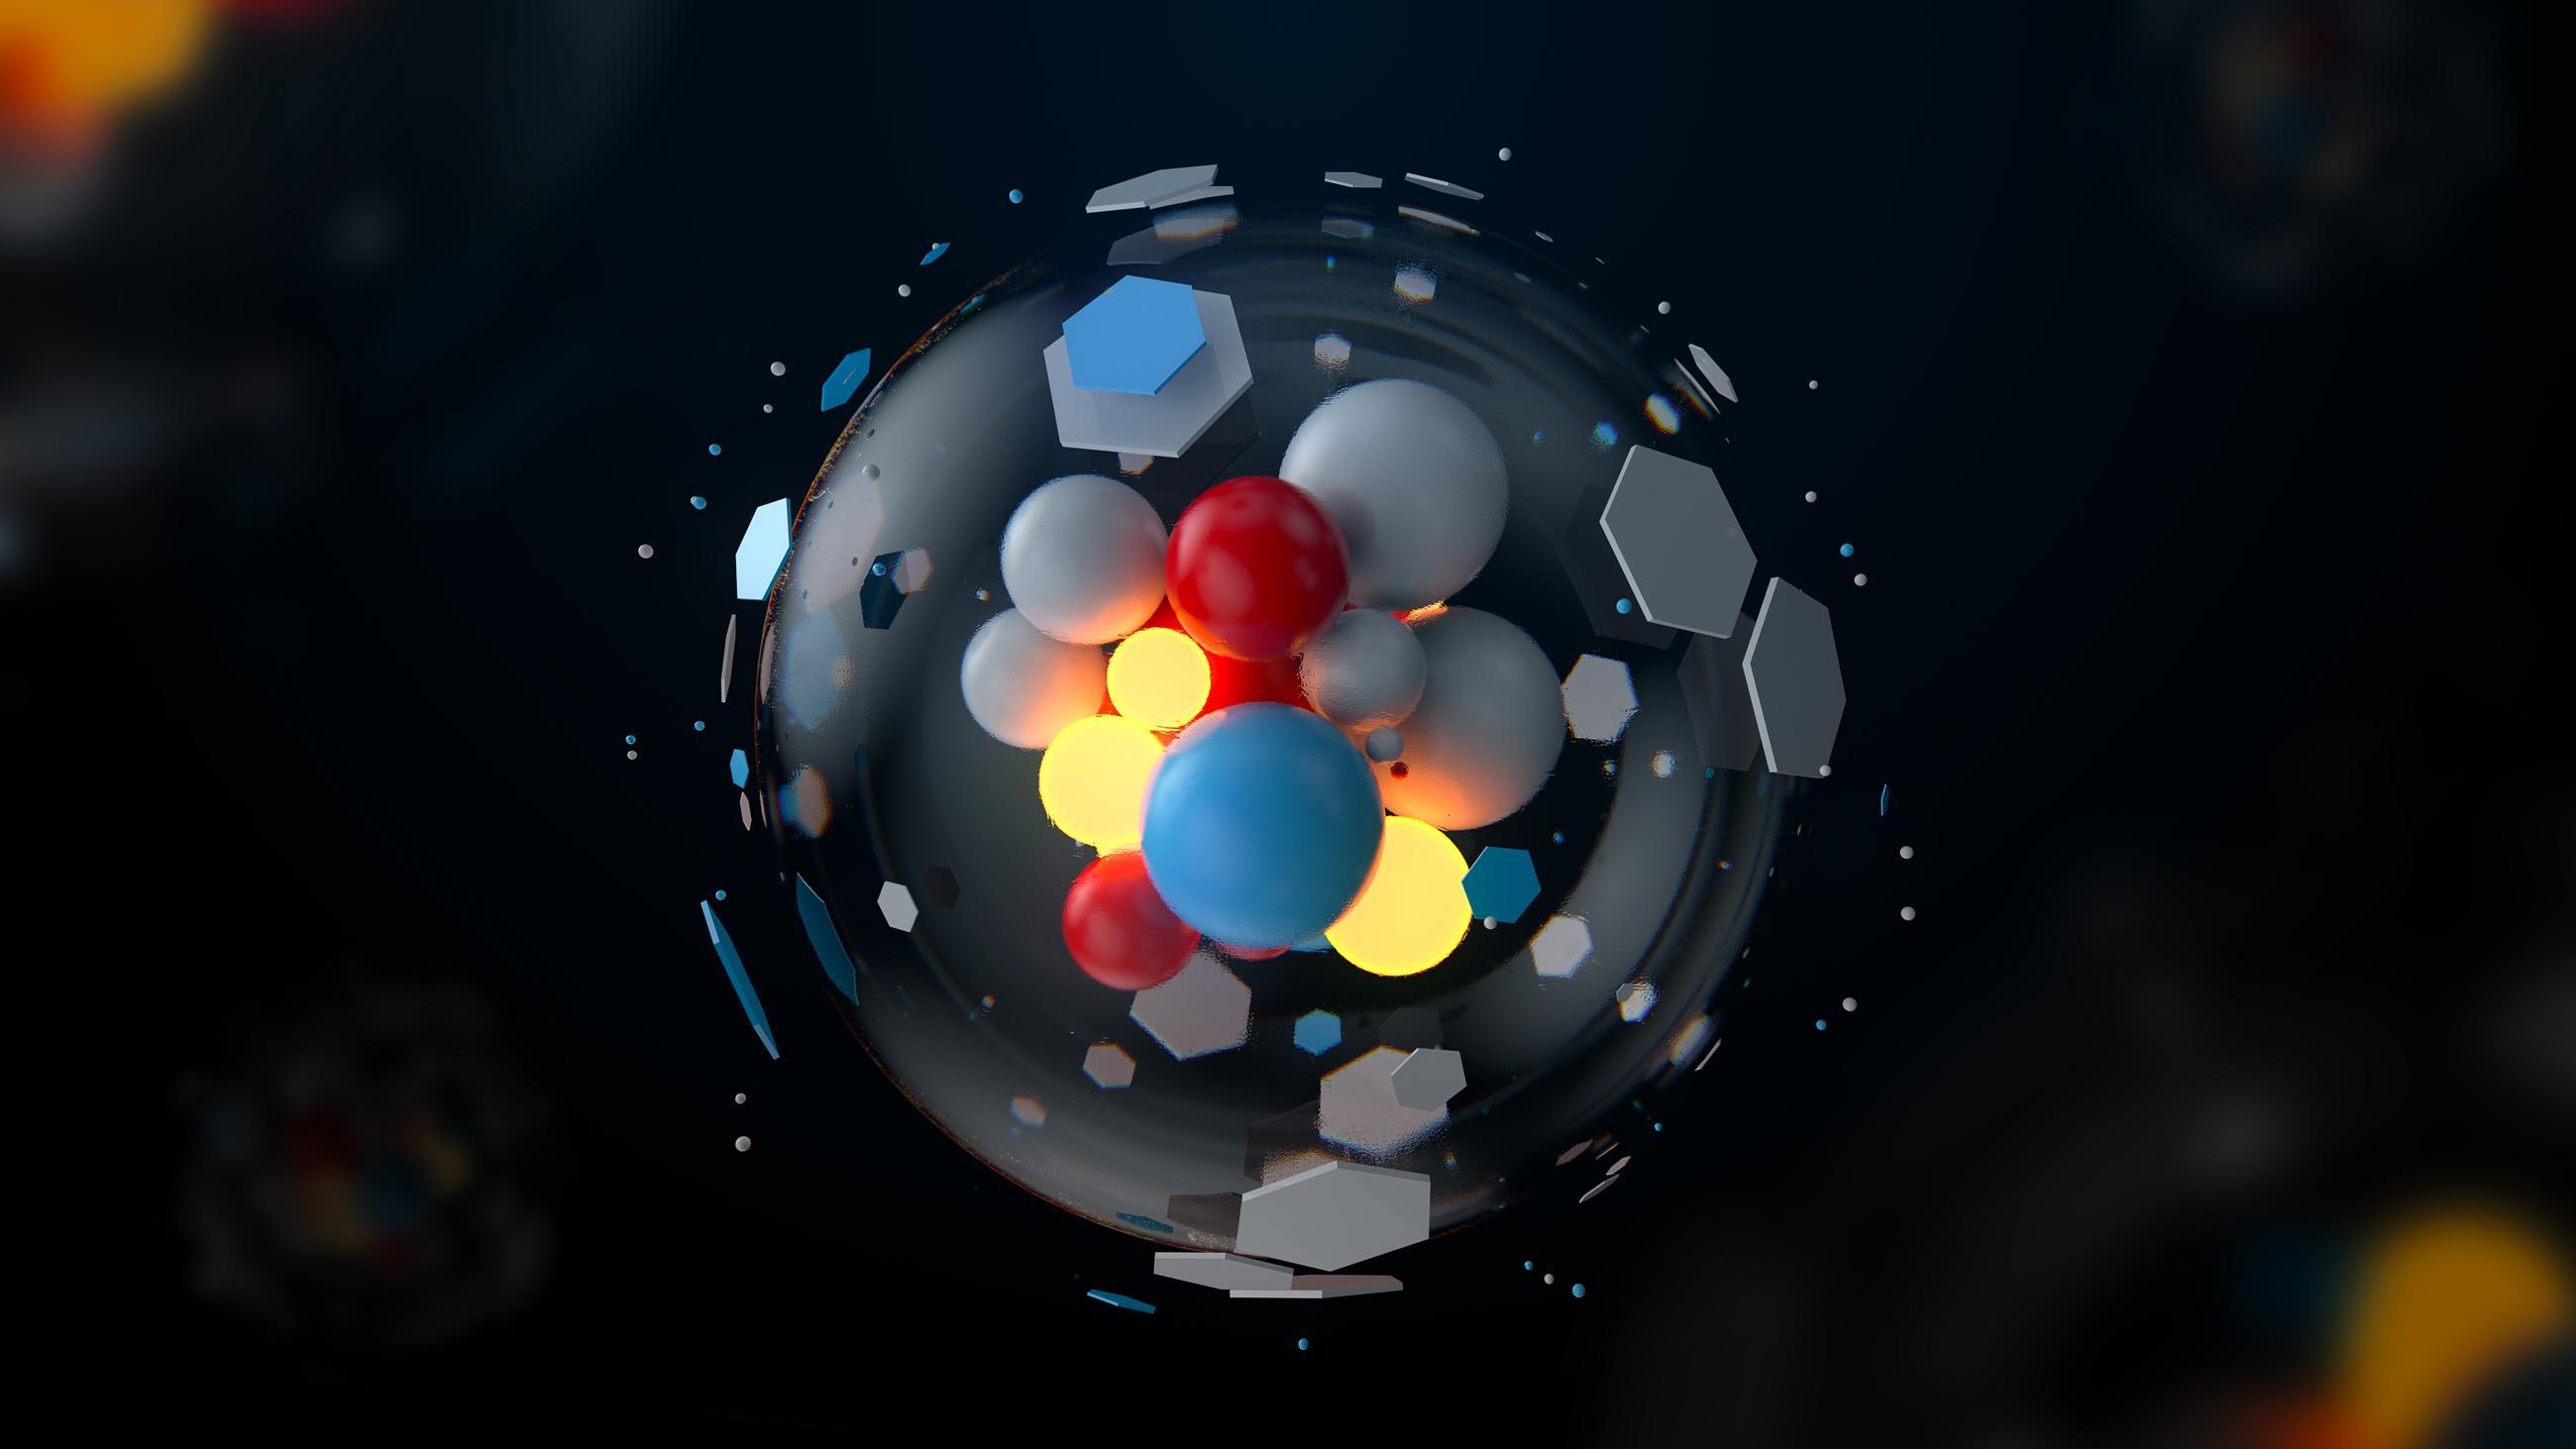 Возникновение жизни, похоже, связано не с РНК, а с химическими химерами